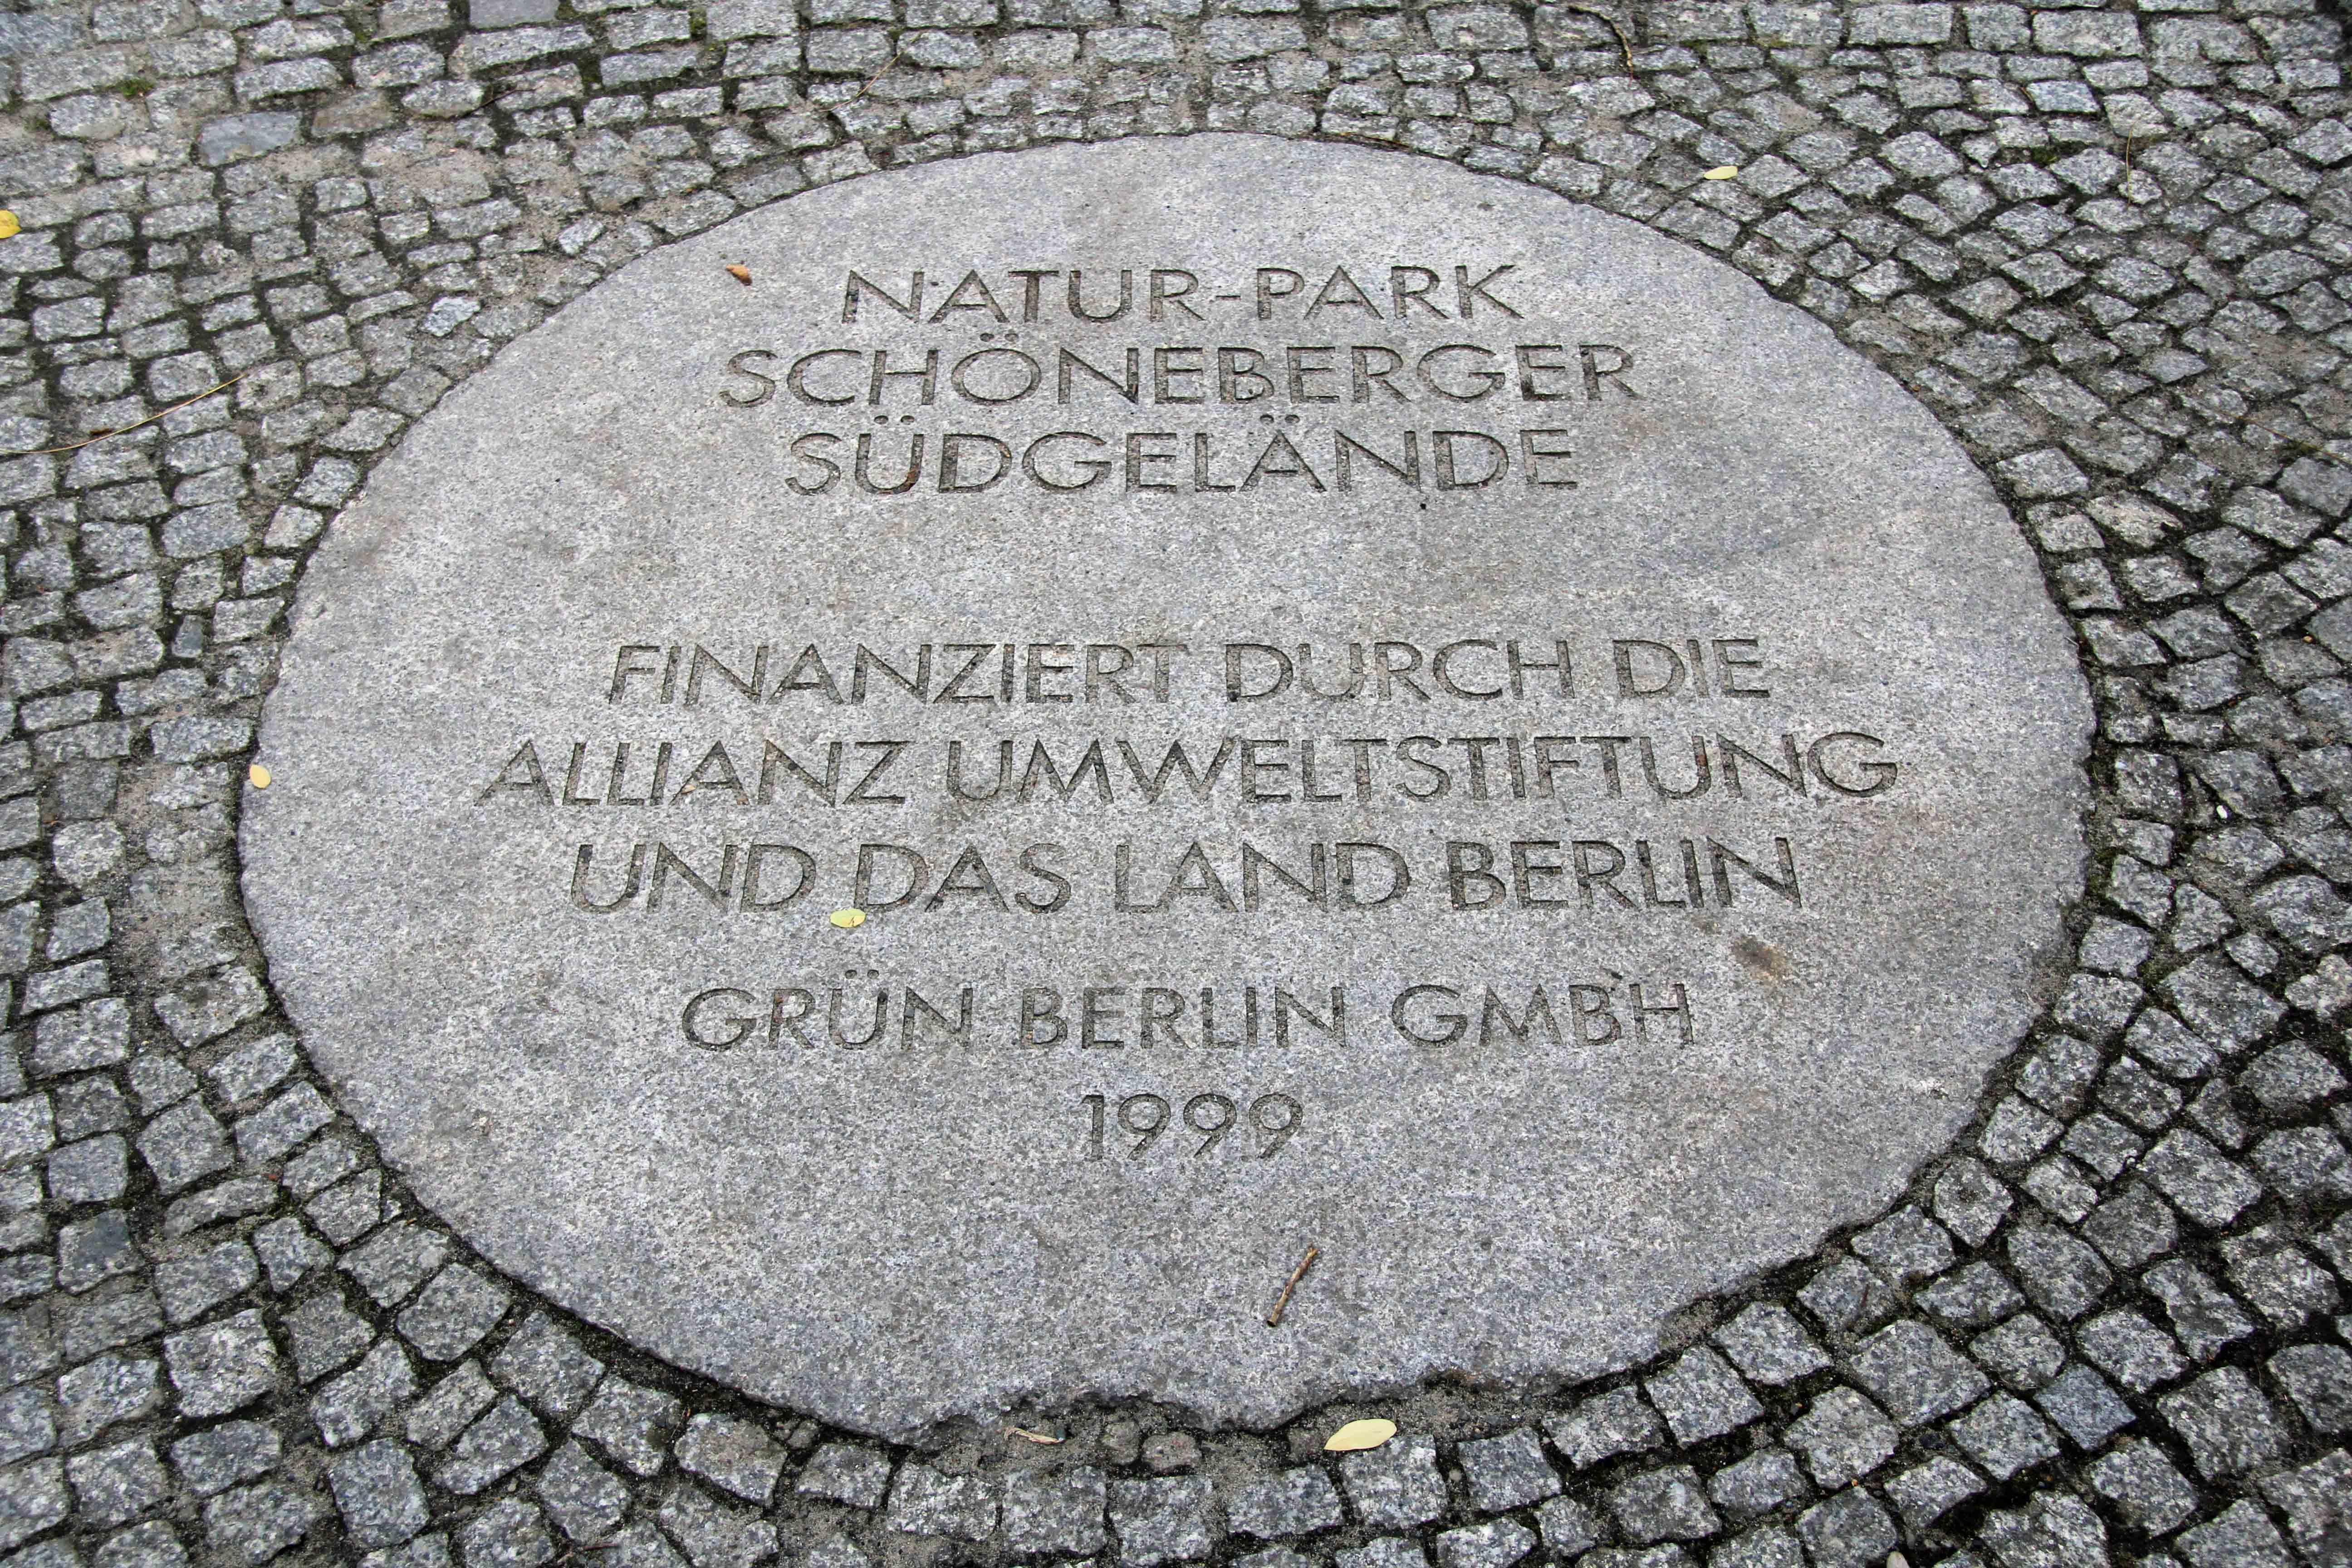 Natur-Park Schöneberger Südgelände in Berlin